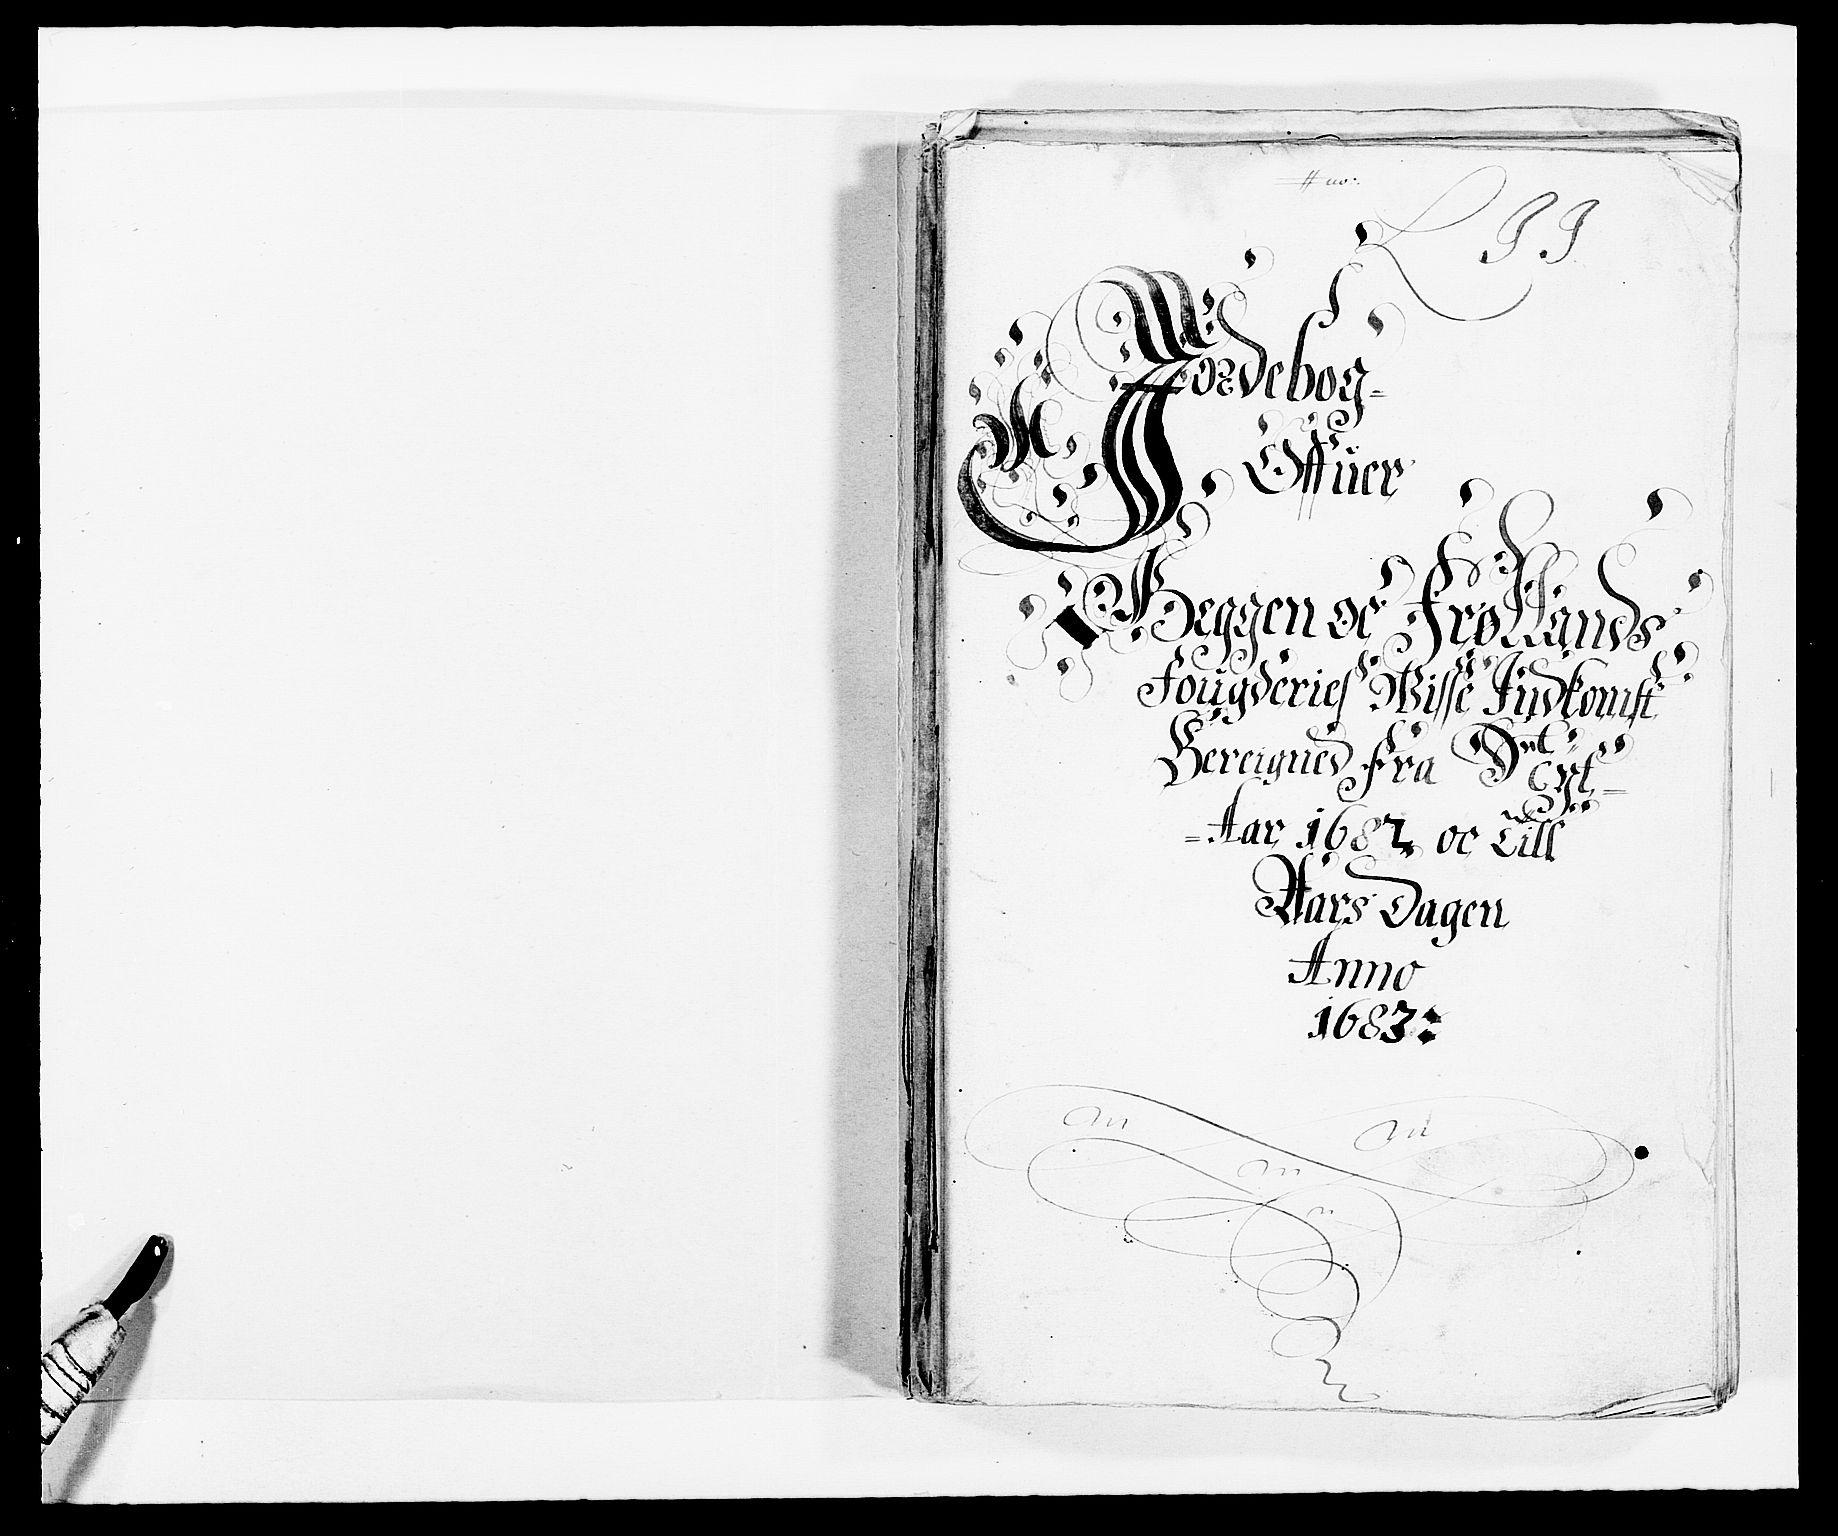 RA, Rentekammeret inntil 1814, Reviderte regnskaper, Fogderegnskap, R06/L0280: Fogderegnskap Heggen og Frøland, 1681-1684, s. 181